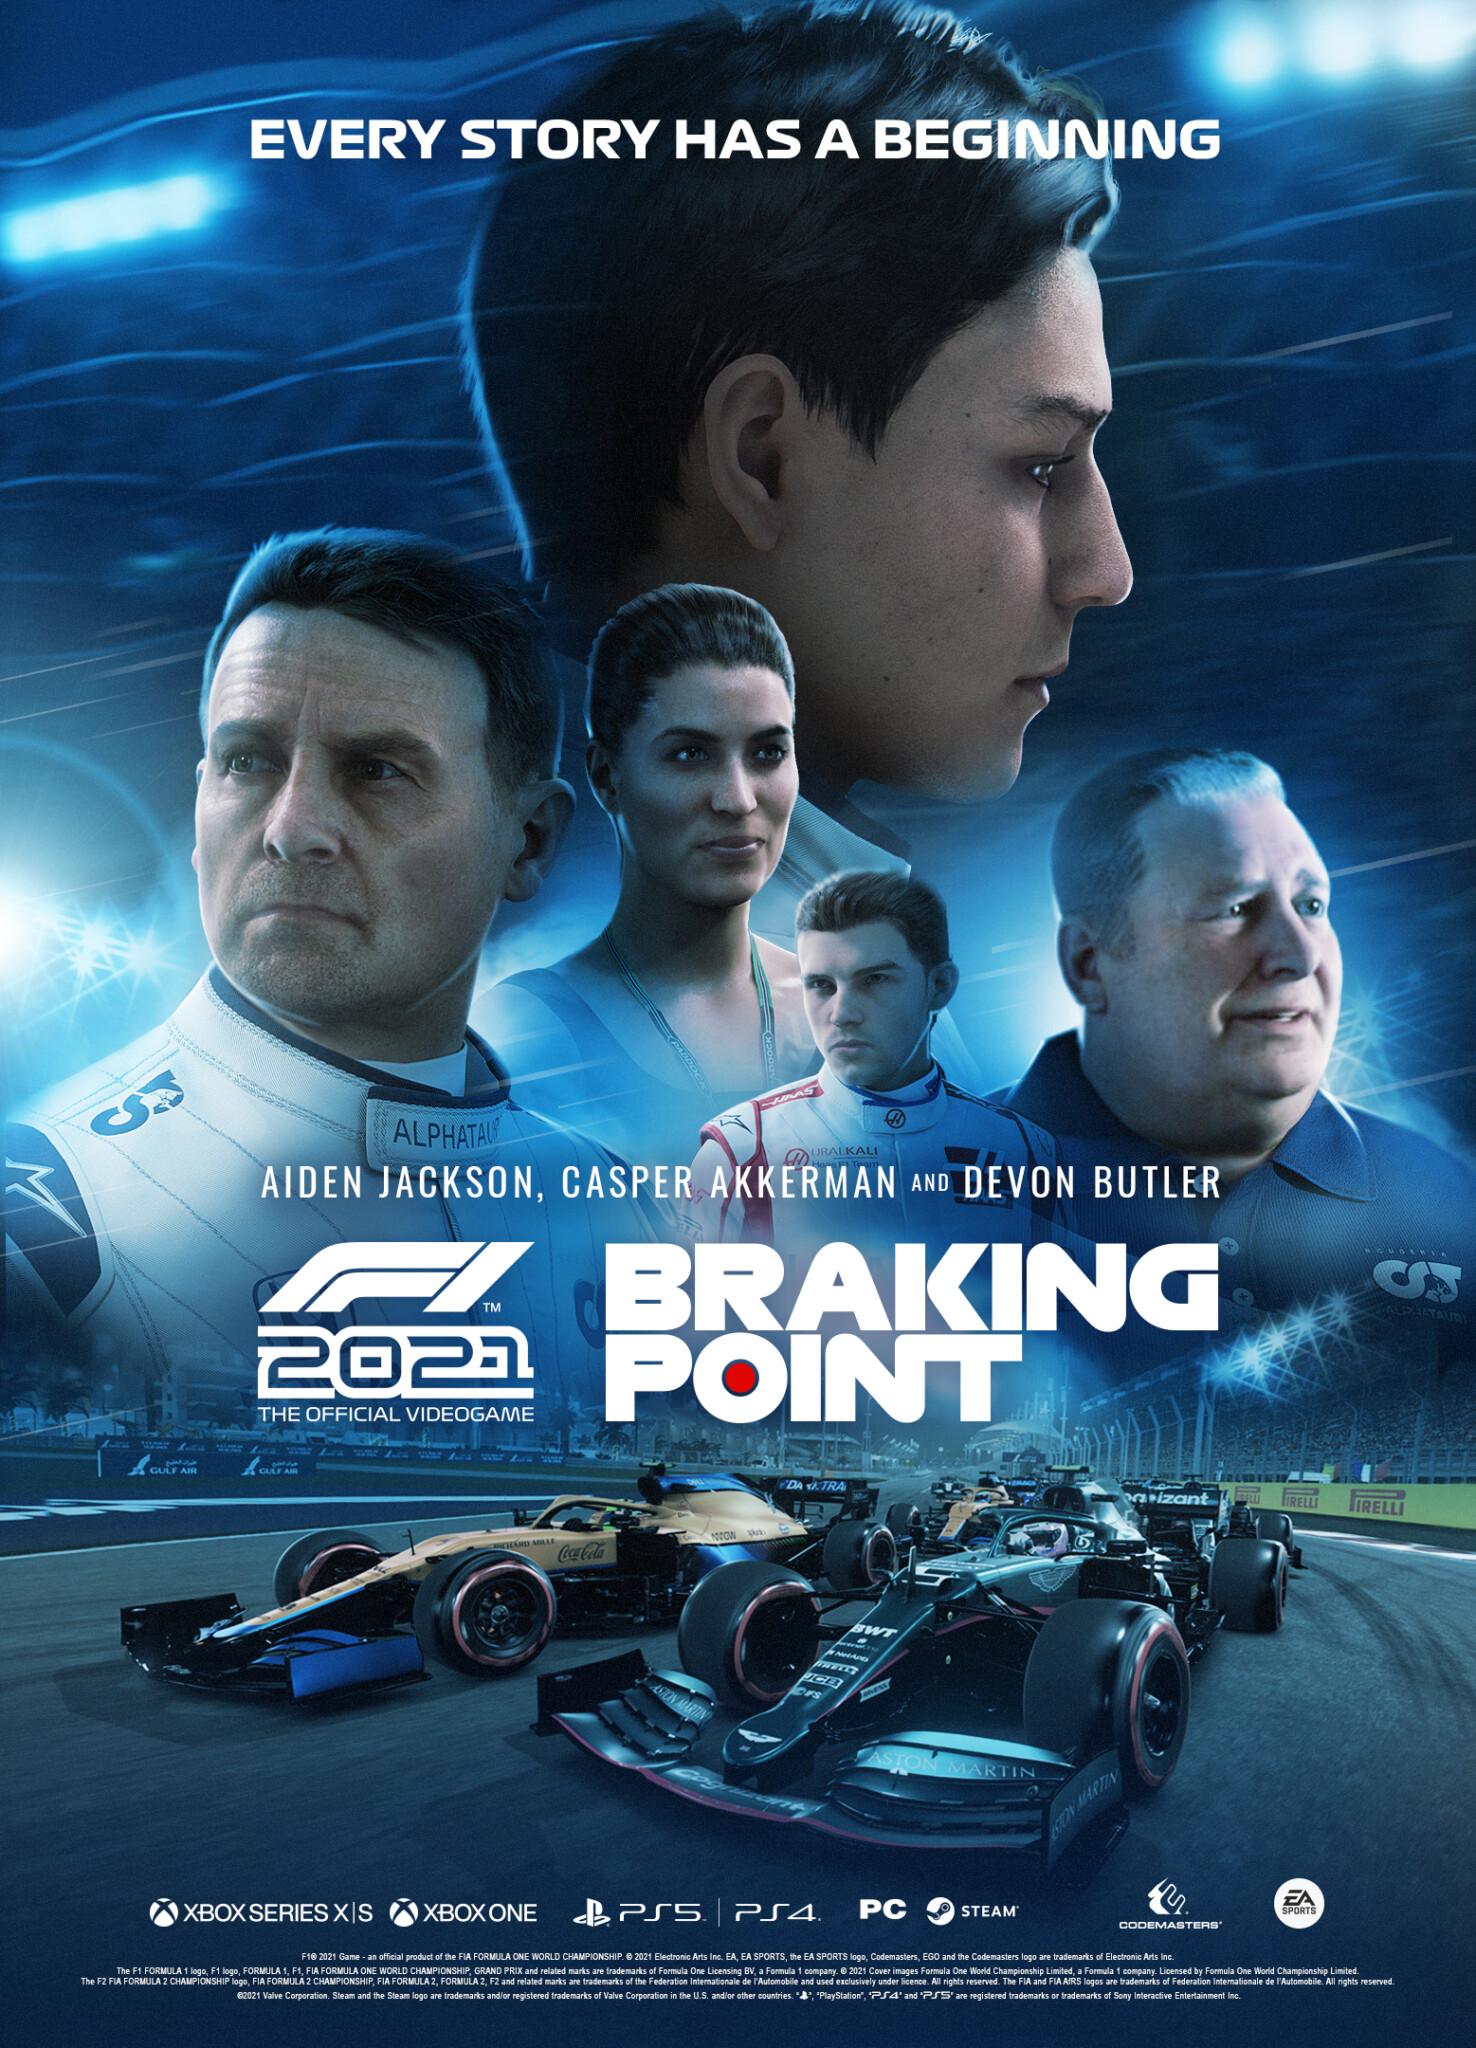 Braking Point F1 2021